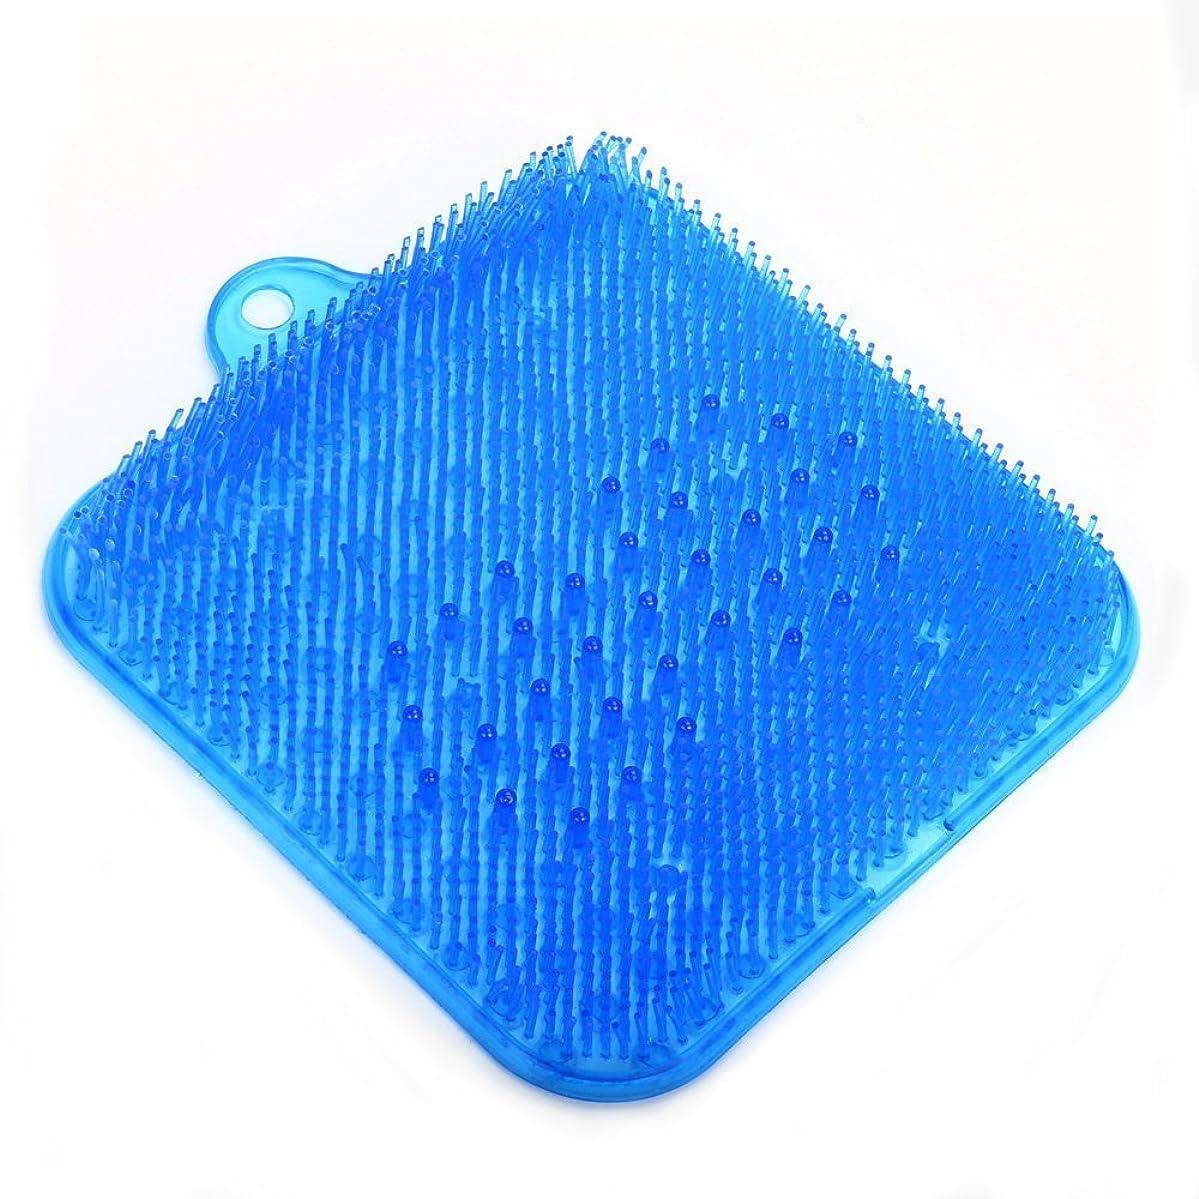 共同選択偽物レビューLIHAO 足洗いマット 足洗い用 バスマット マッサージマット 汚れ角質除去 ストレス解消 壁掛けフック付き ブルー